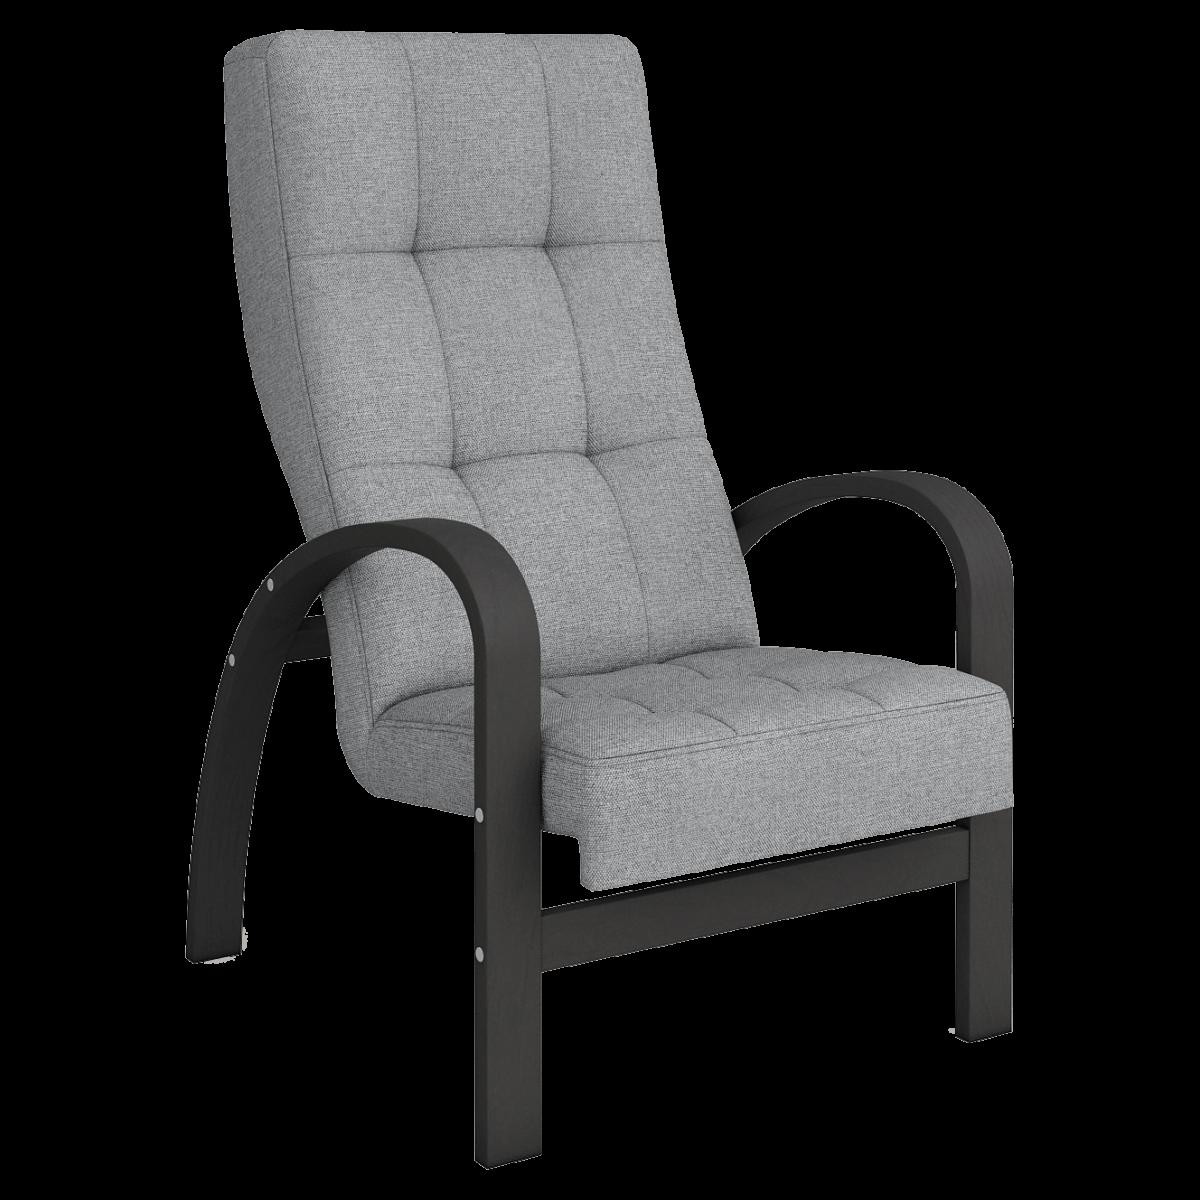 Кресло для отдыха Трэвис (Сан 08 венге)